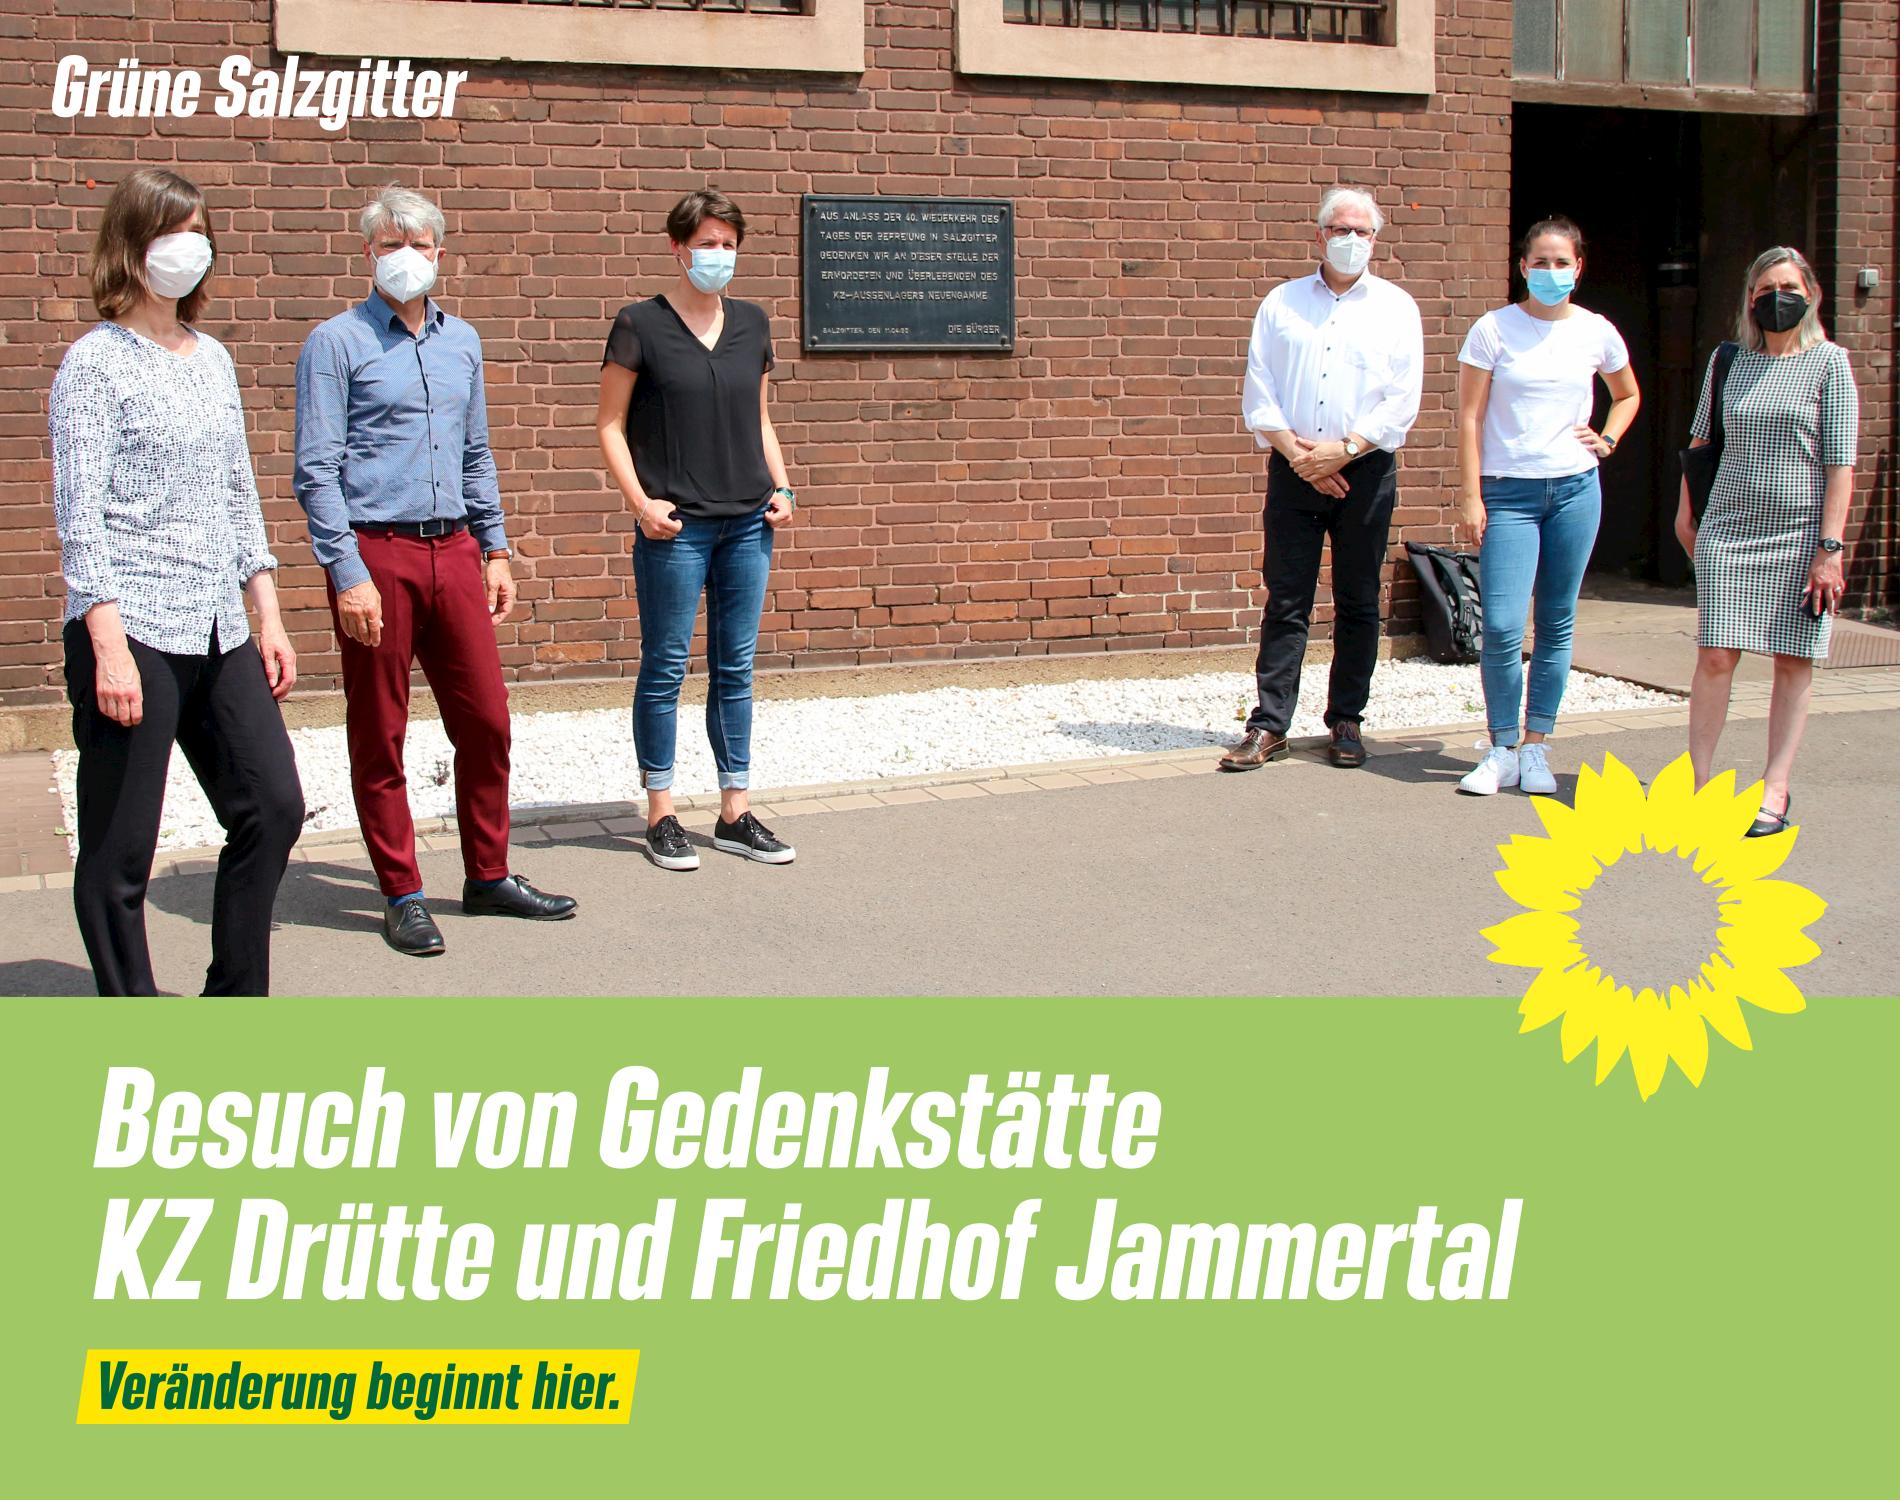 Besuch von Gedenkstätte KZ Drütte und Friedhof Jammertal